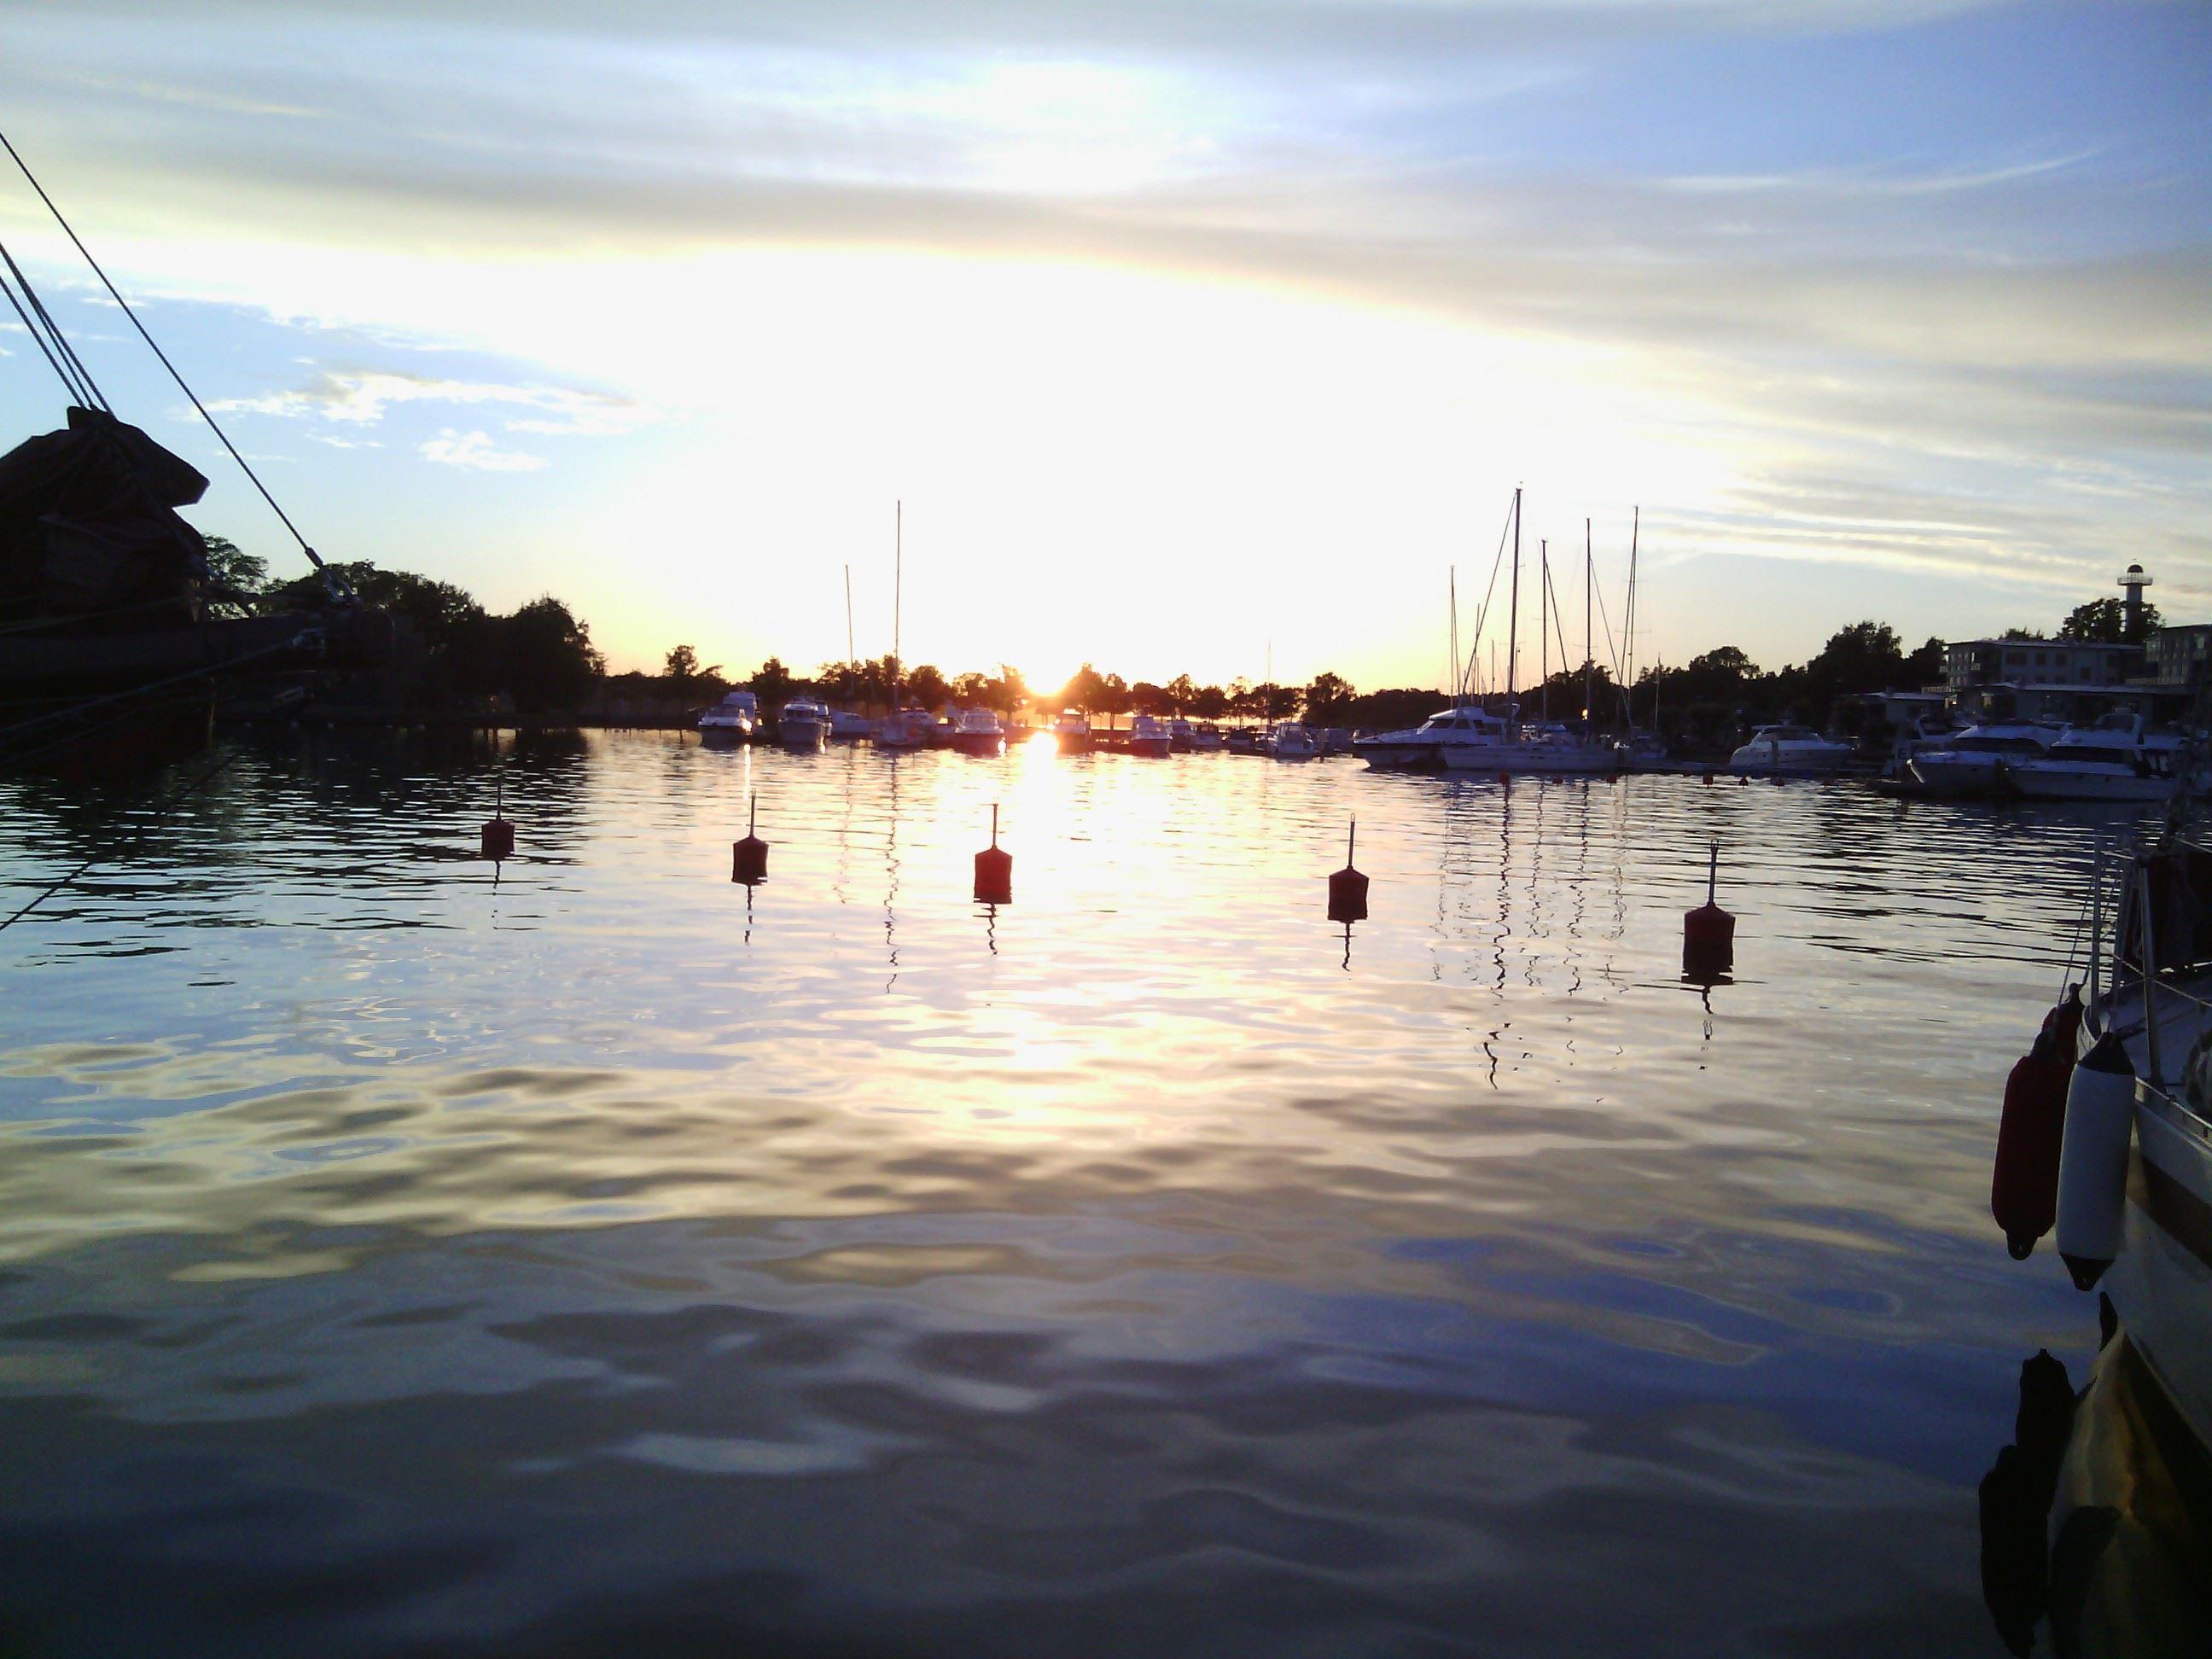 Boat taxi, Molanders boat transportation